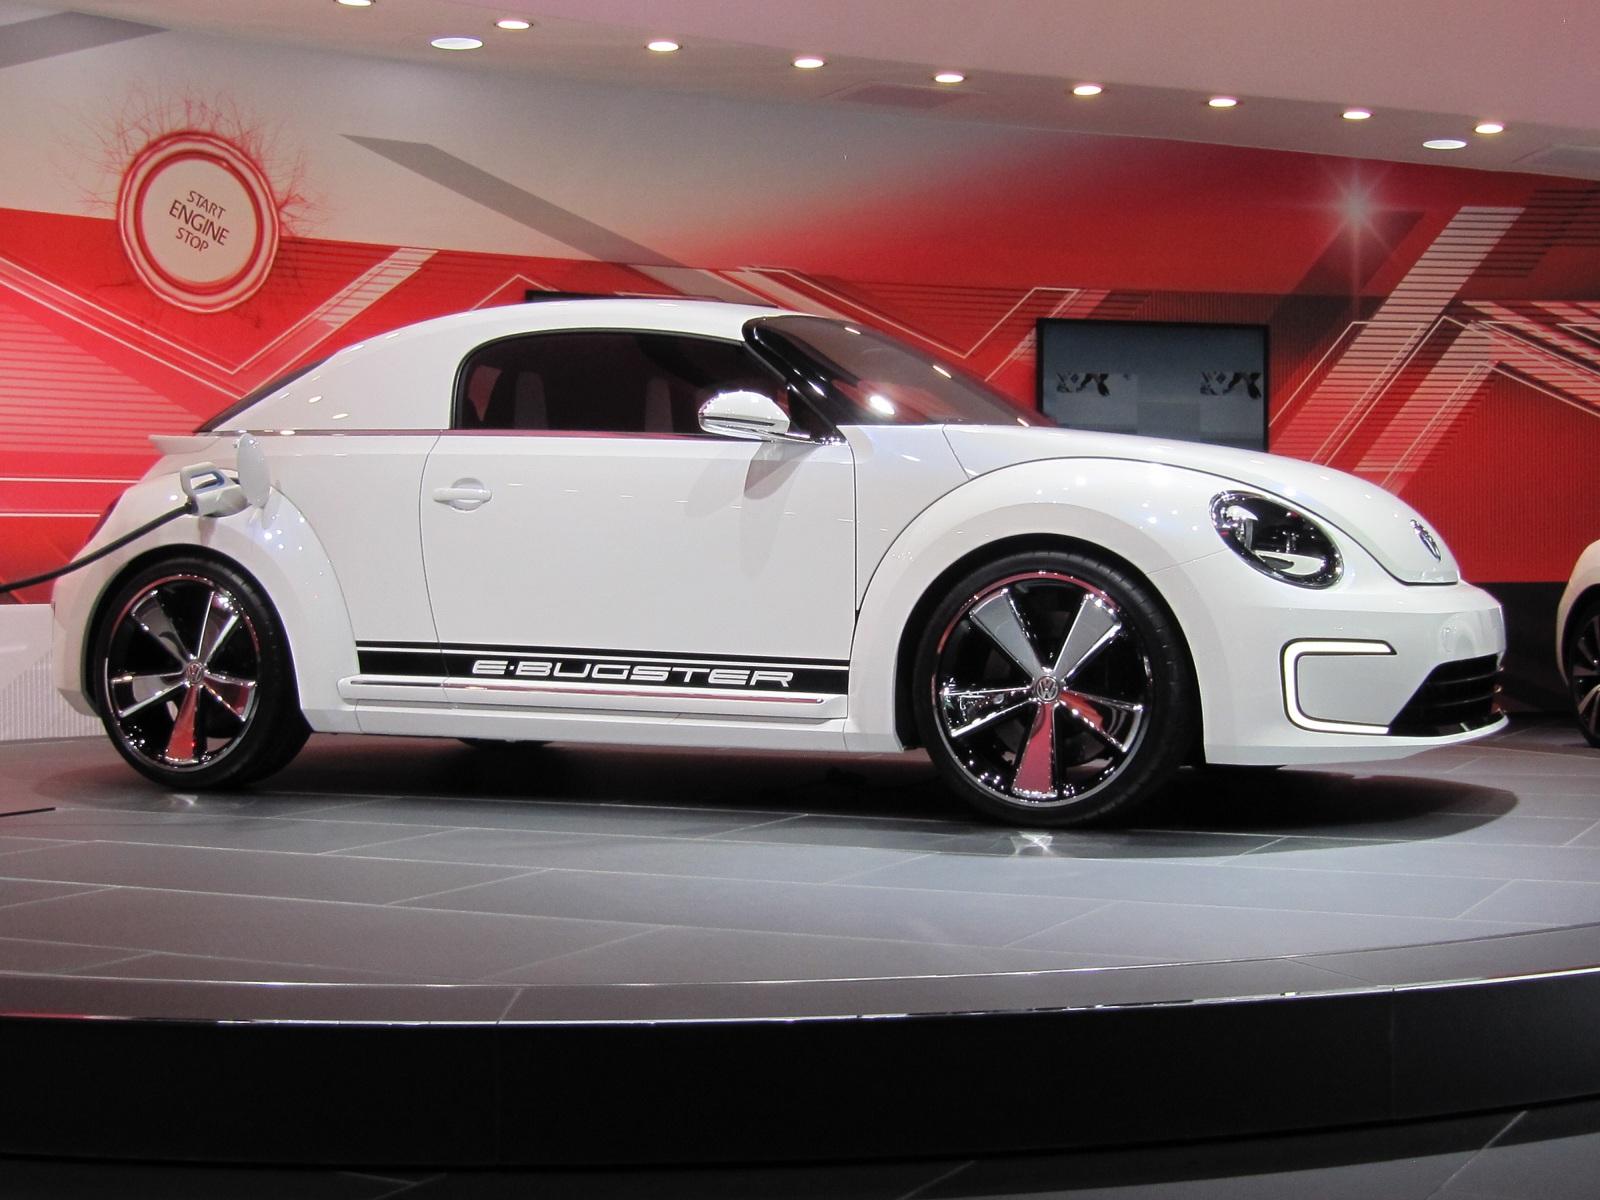 2013 Vw E Bugster Electric Concept 2012 Detroit Auto Show Video